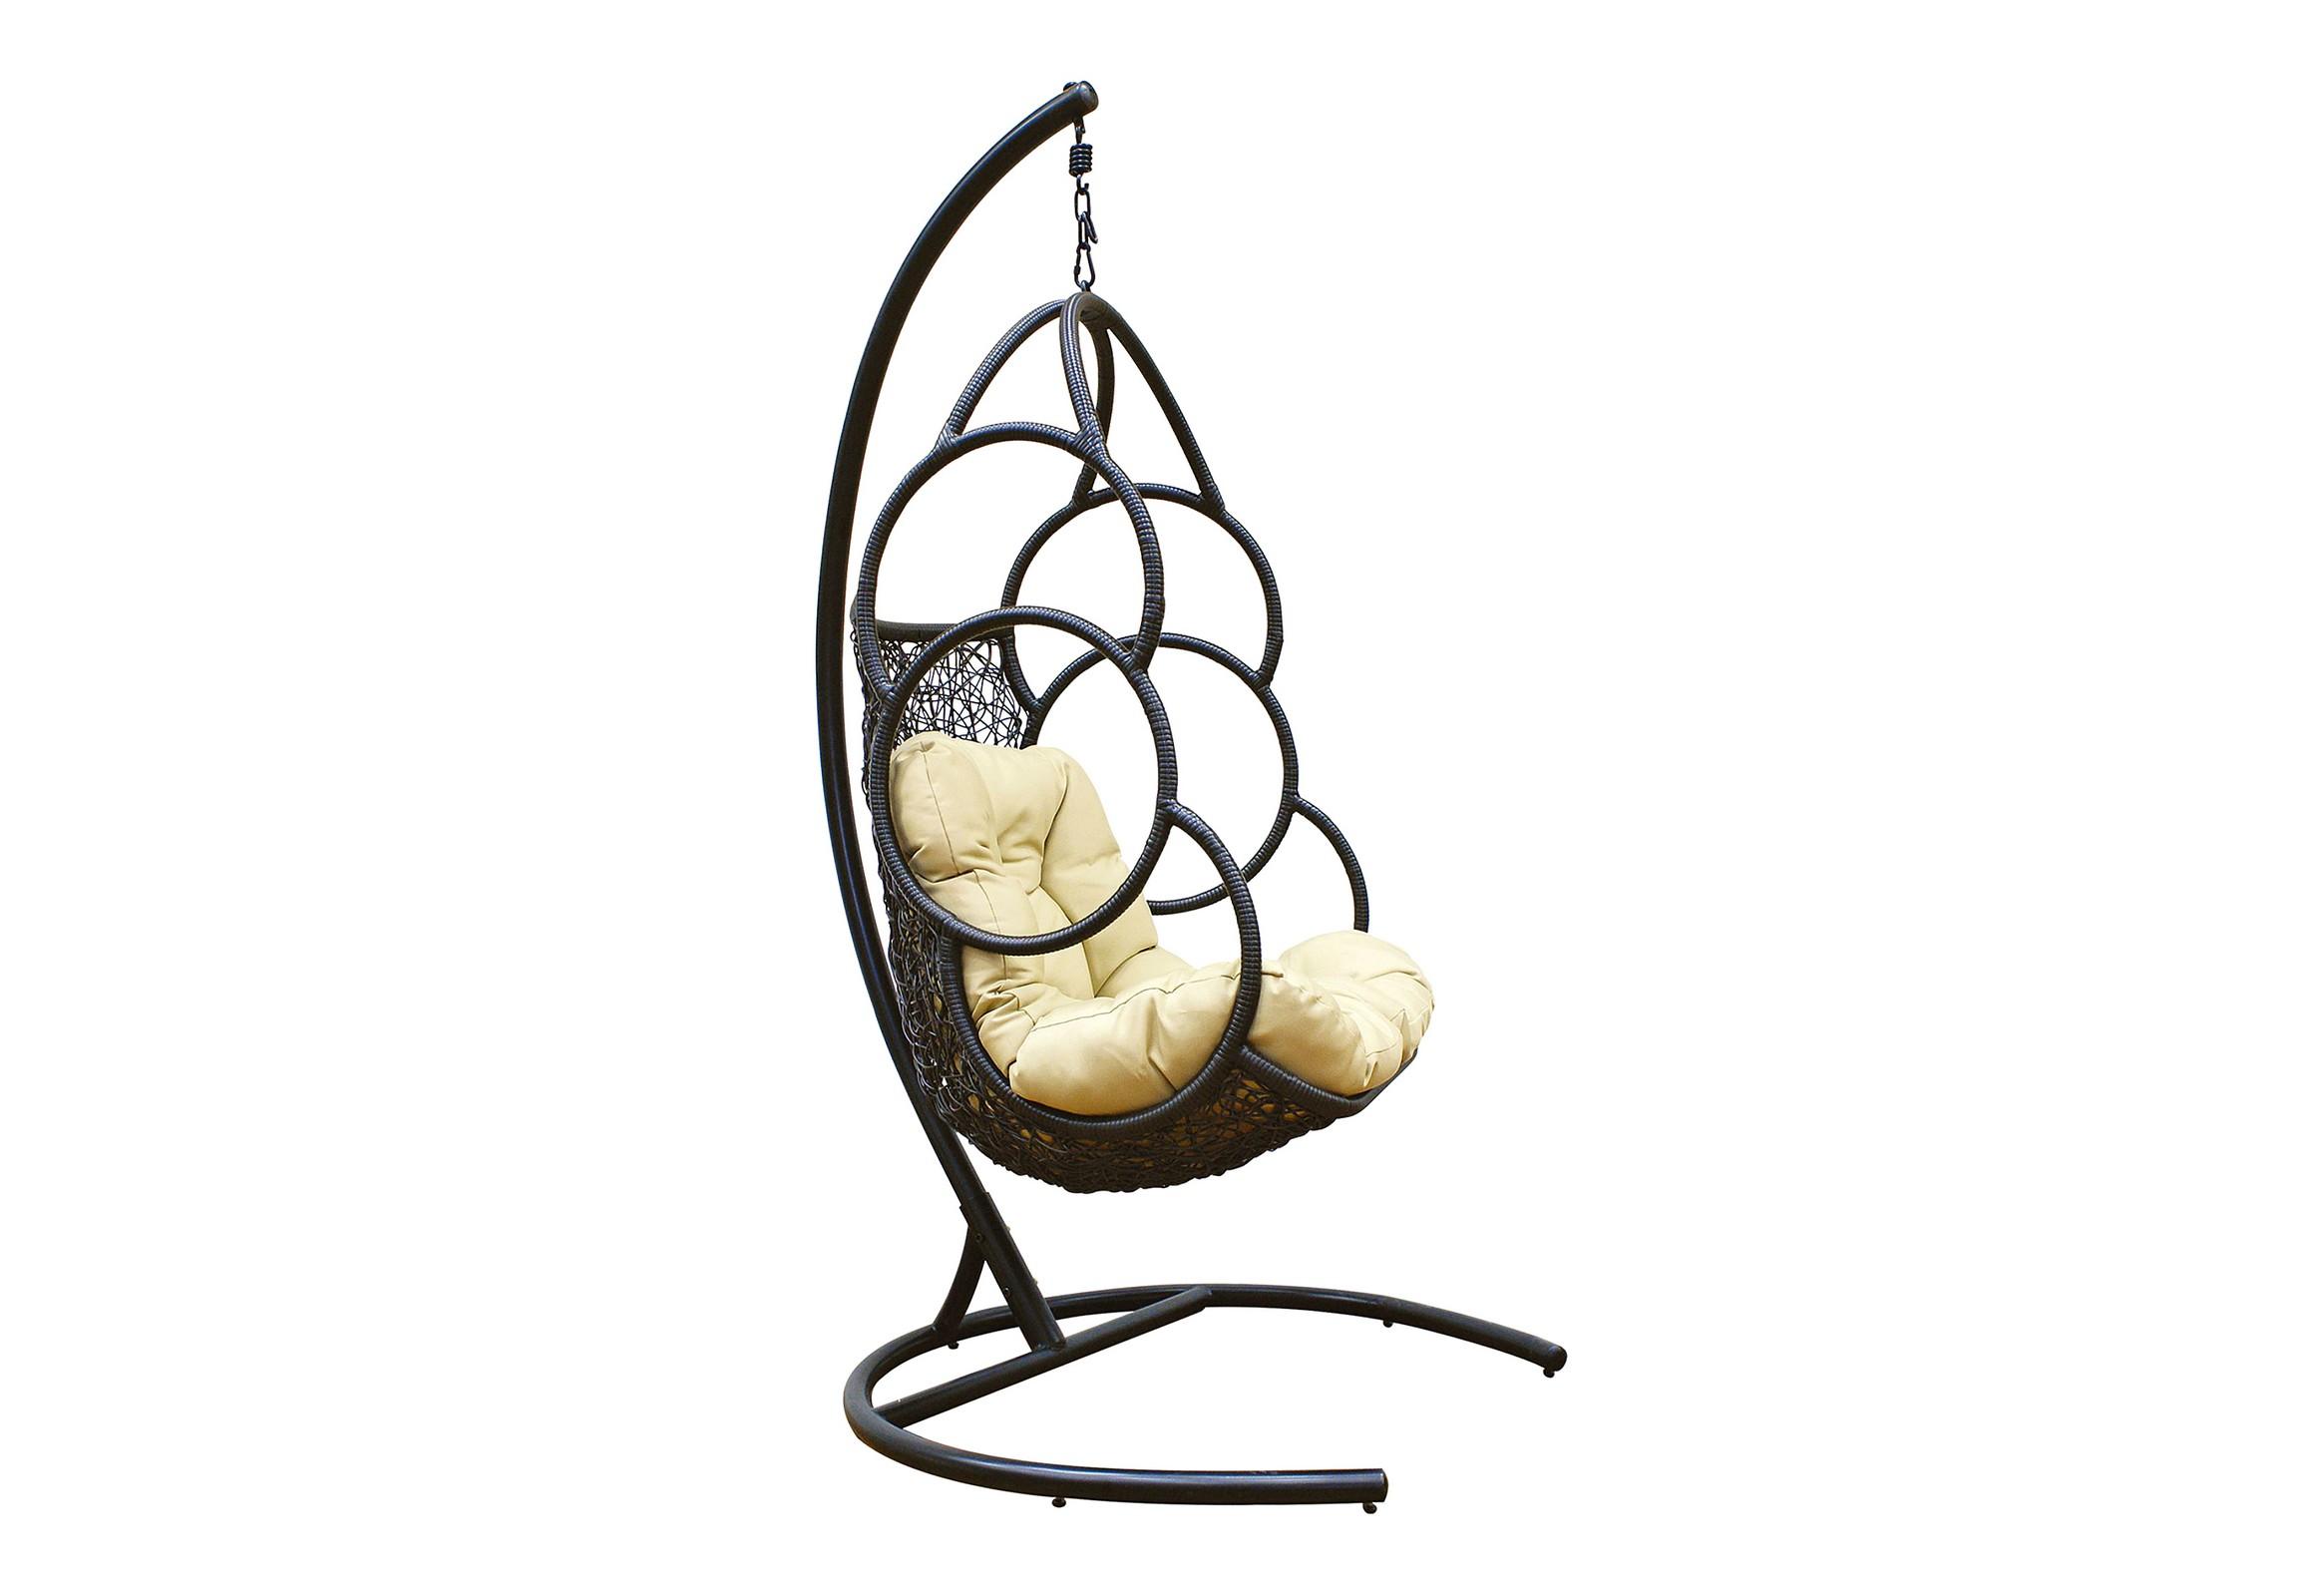 Кресло подвесное GalaxyПодвесные кресла<br>Подвесное кресло Galaxy выполнено из искусственного ротанга высокого качества. Каркас опоры и самого кресла покрыт прочной, устойчивой к внешним воздействиям порошковой краской.  А мягкие подушки выполнены из водоотталкивающего материала.  Galaxy - комфорное кресло с ярким, оригинальным дизайном. &amp;amp;nbsp;&amp;lt;div&amp;gt;&amp;lt;br&amp;gt;&amp;lt;/div&amp;gt;&amp;lt;div&amp;gt;Материал каркаса:  сталь&amp;amp;nbsp;&amp;lt;/div&amp;gt;&amp;lt;div&amp;gt;Материал:  искусственный ротанг, круглый&amp;amp;nbsp;&amp;lt;/div&amp;gt;&amp;lt;div&amp;gt;Цвет каркаса:  черный&amp;amp;nbsp;&amp;lt;/div&amp;gt;&amp;lt;div&amp;gt;Выдерживаемая нагрузка, кг:  120&amp;amp;nbsp;&amp;lt;/div&amp;gt;&amp;lt;div&amp;gt;Размер чаши: 81х73х124 см&amp;amp;nbsp;&amp;lt;/div&amp;gt;&amp;lt;div&amp;gt;Размер основания: 100х100х195 см&amp;amp;nbsp;&amp;lt;/div&amp;gt;&amp;lt;div&amp;gt;Объем, м3: 0,5&amp;amp;nbsp;&amp;lt;/div&amp;gt;&amp;lt;div&amp;gt;Вес,кг: 30&amp;lt;/div&amp;gt;<br><br>Material: Искусственный ротанг<br>Ширина см: 81<br>Высота см: 124<br>Глубина см: 73